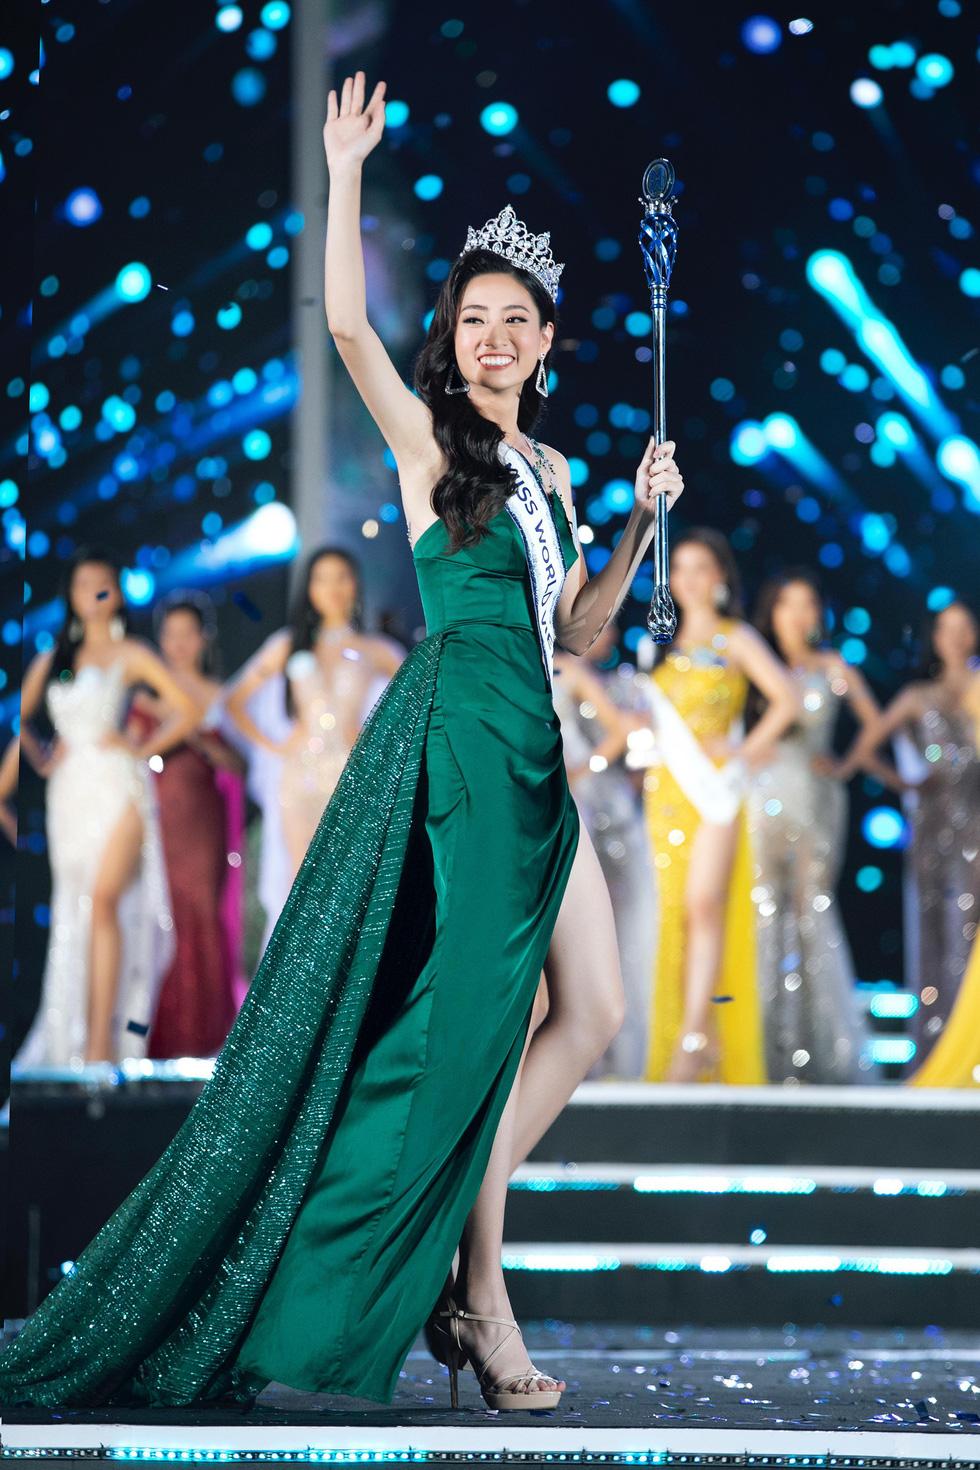 Hoa hậu Lương Thùy Linh: Nữ sinh ngoại thương giỏi Toán, IELTS 7.5 - Ảnh 17.